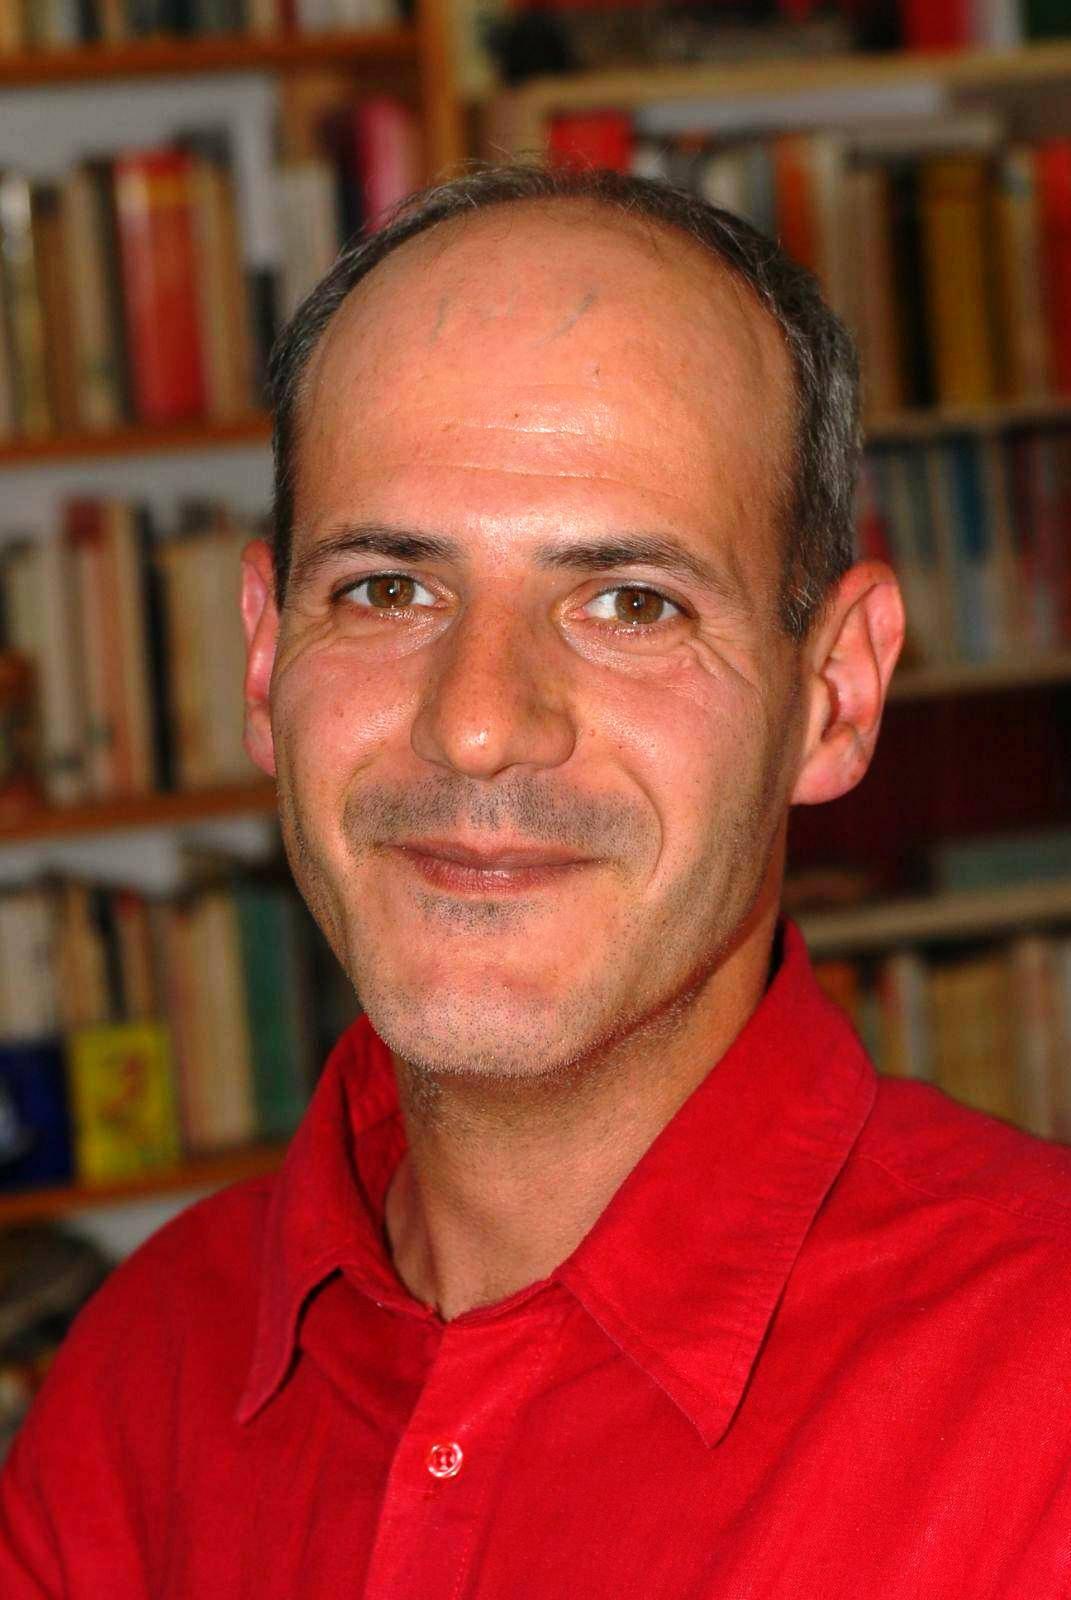 Il Liceo Tasso dedica un'aula ad un suo ex alunno divenuto poeta e scrittore